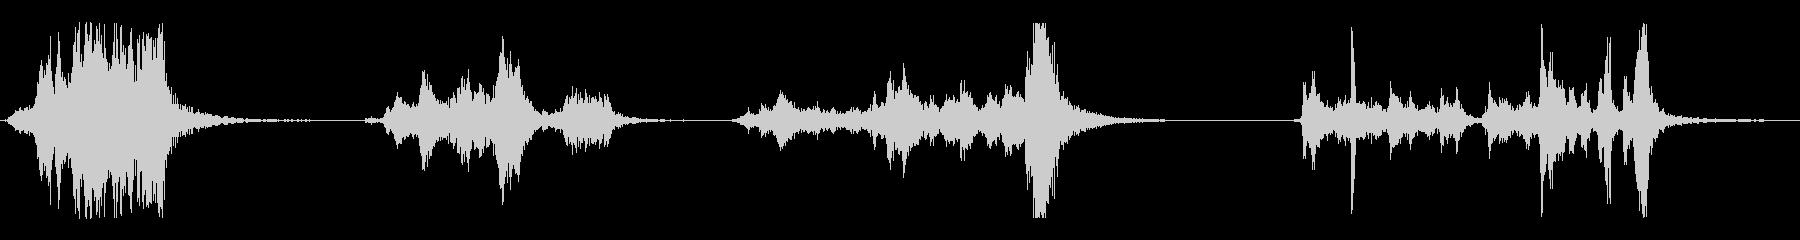 重い板金上のいくつかの長い金切り声の未再生の波形